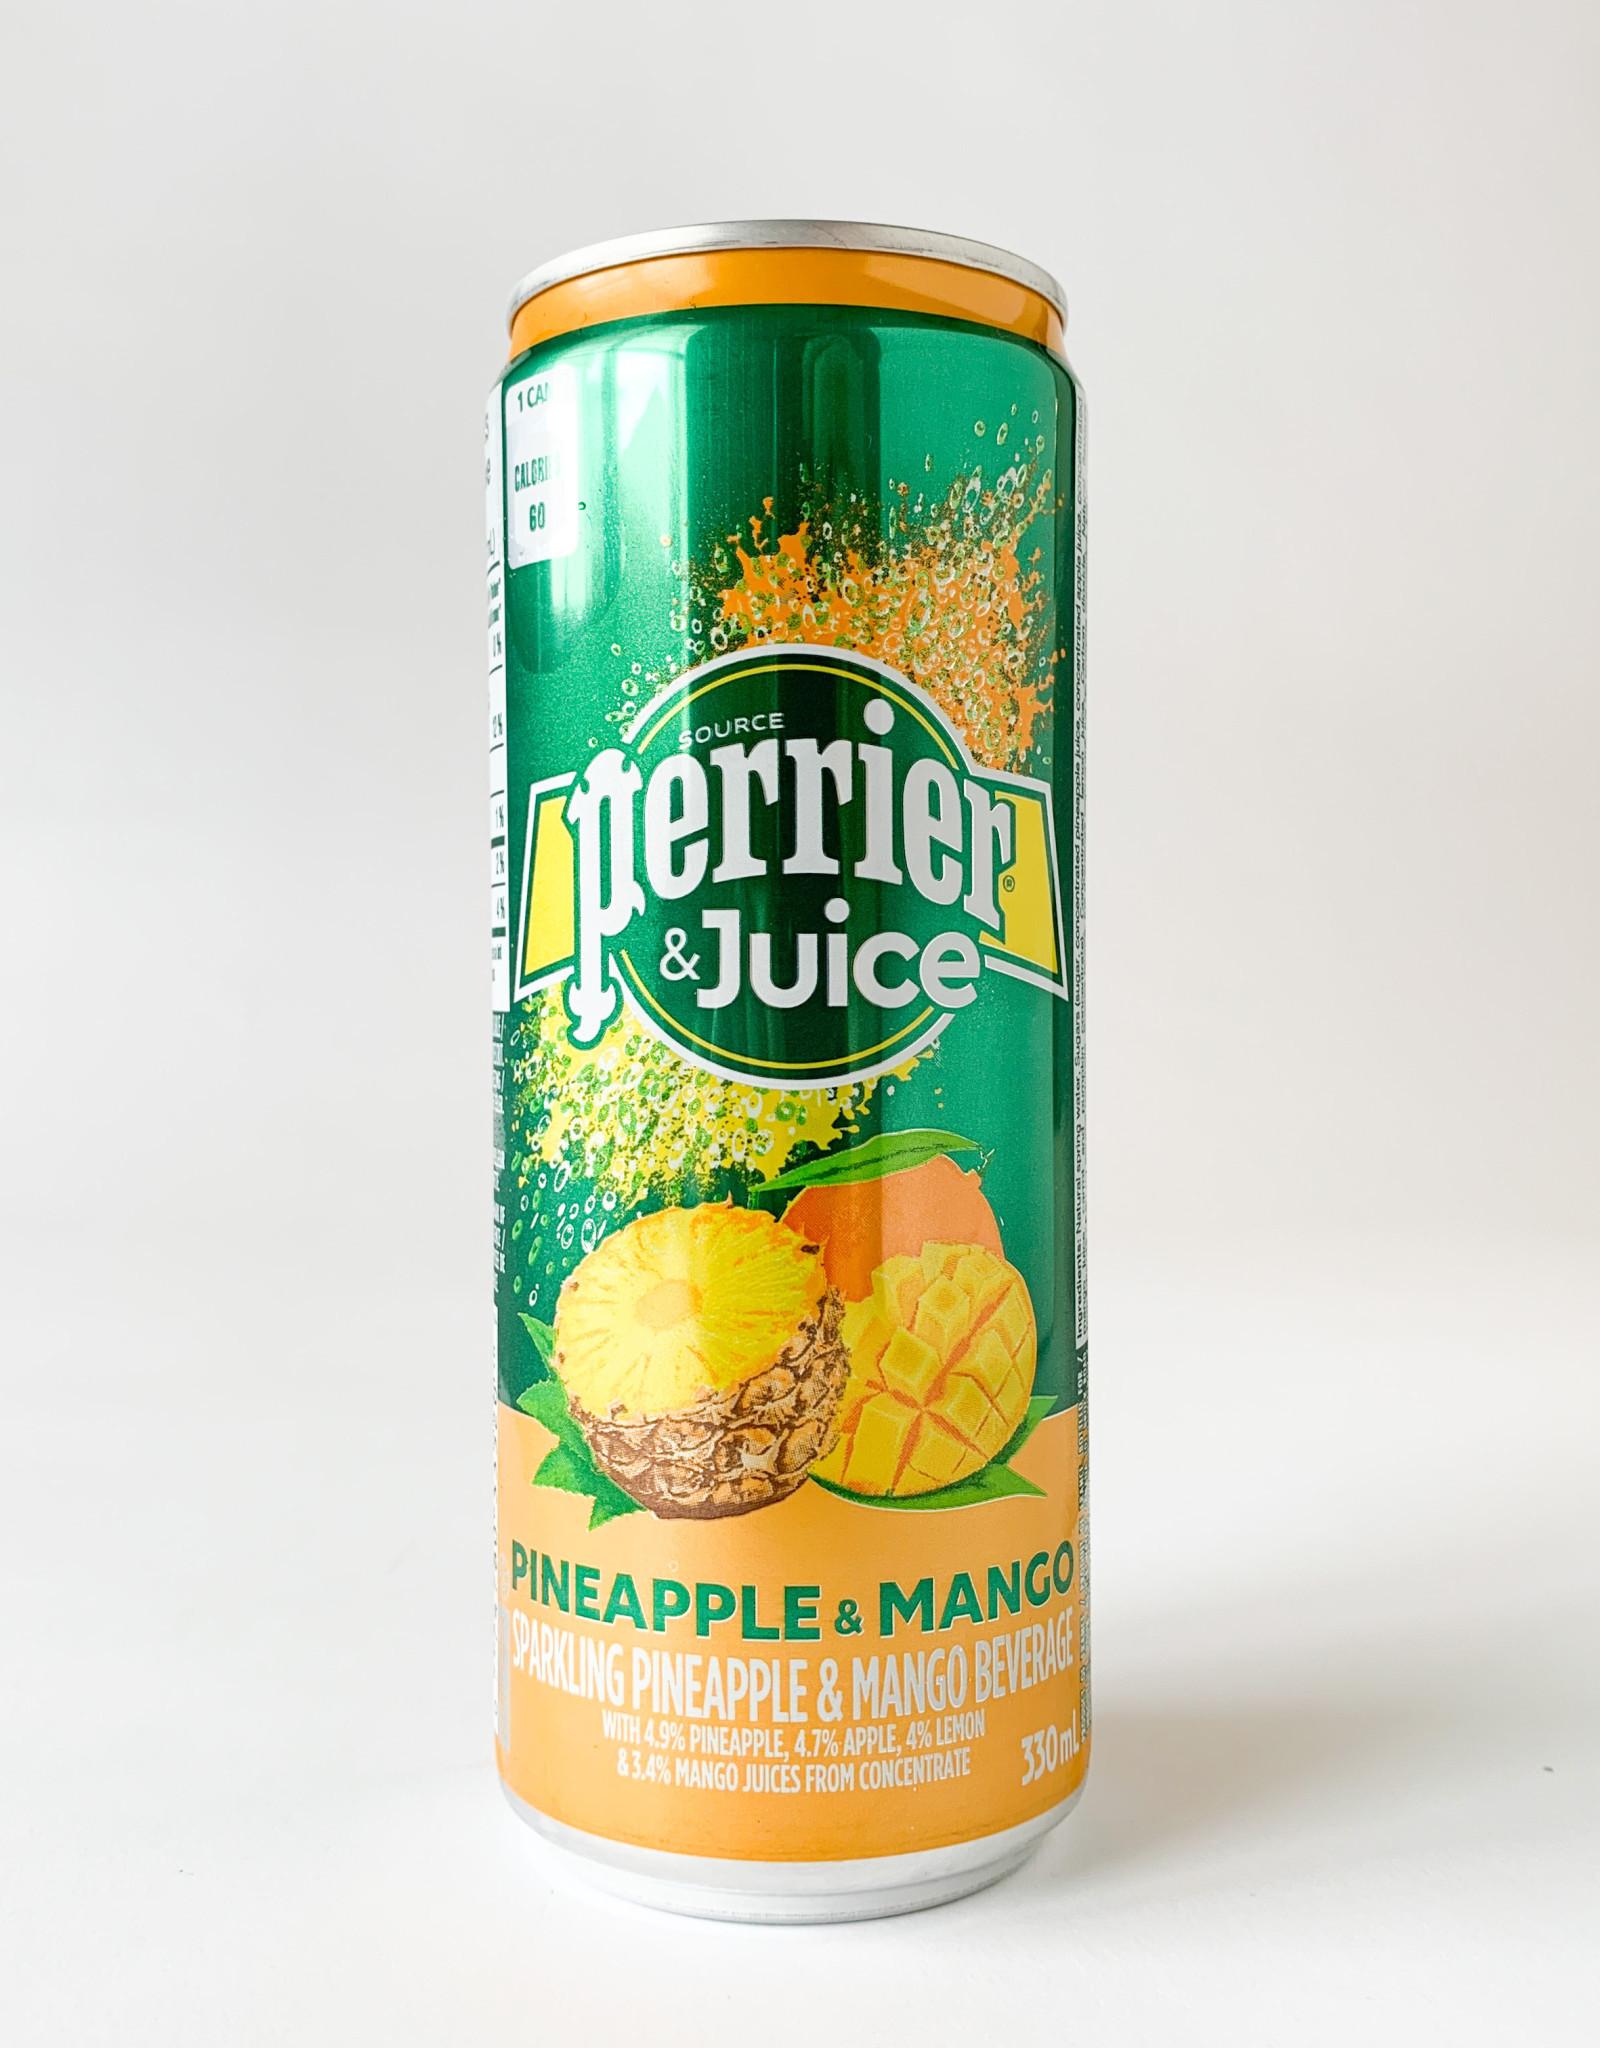 Perrier Perrier and Juice - Pineapple 330 ml